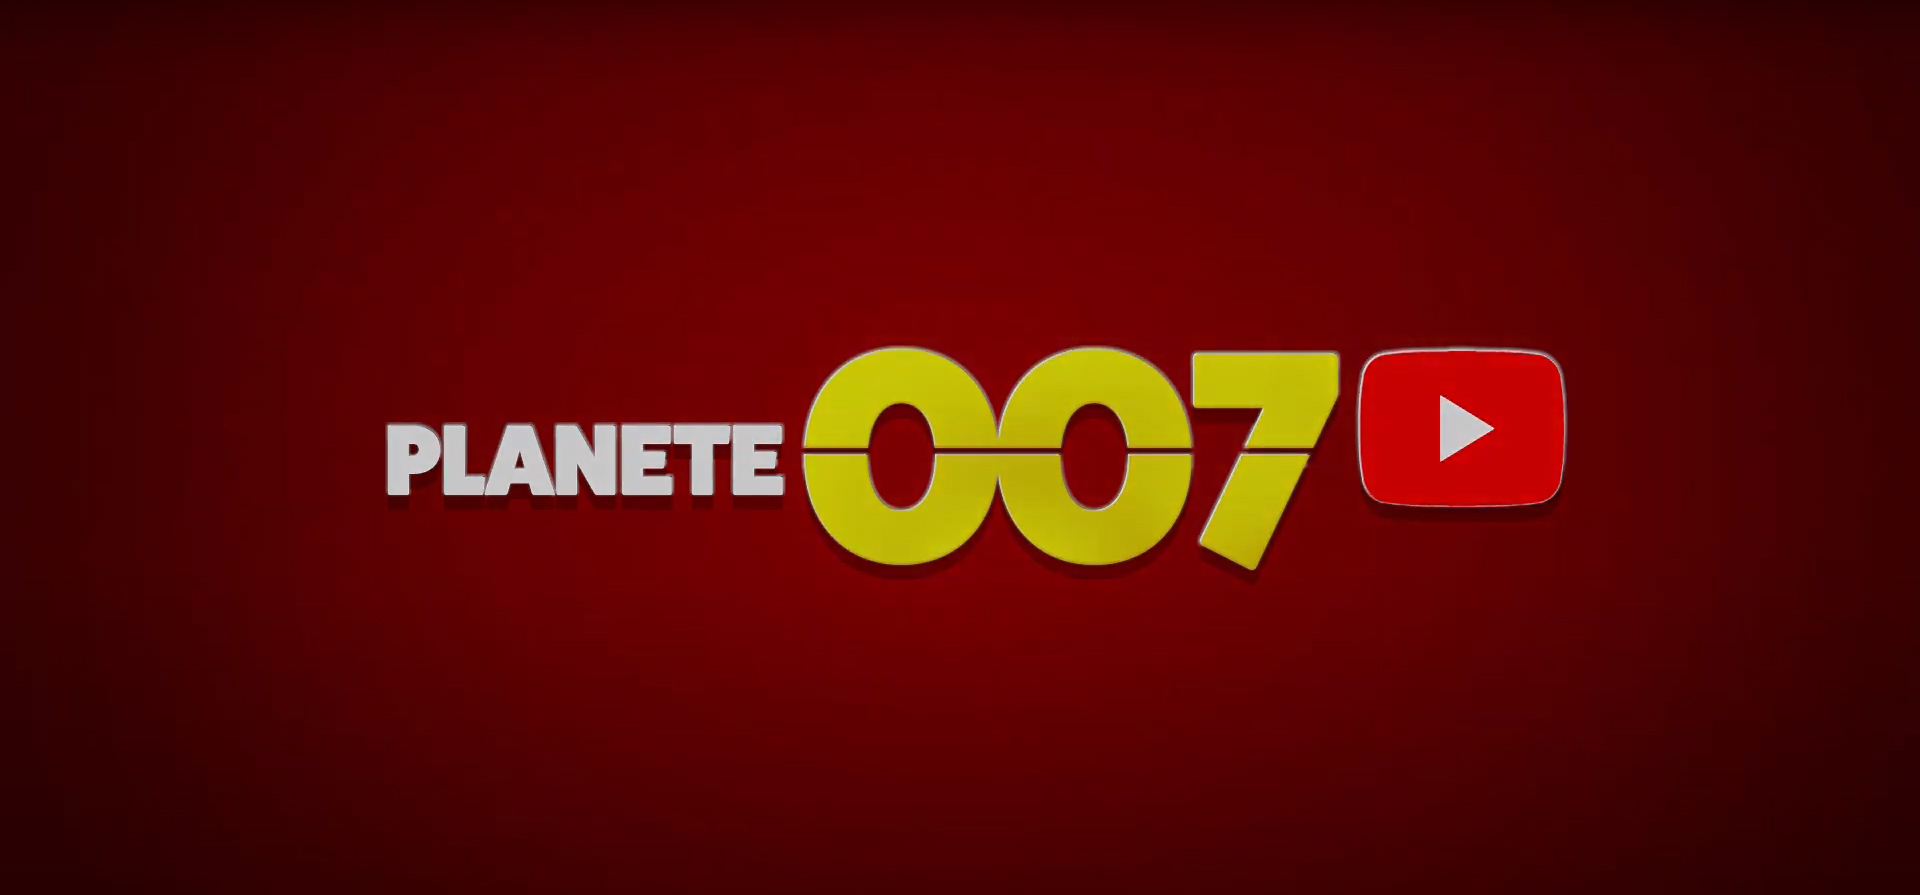 PLANETE 007, le nouveau partenaire du club